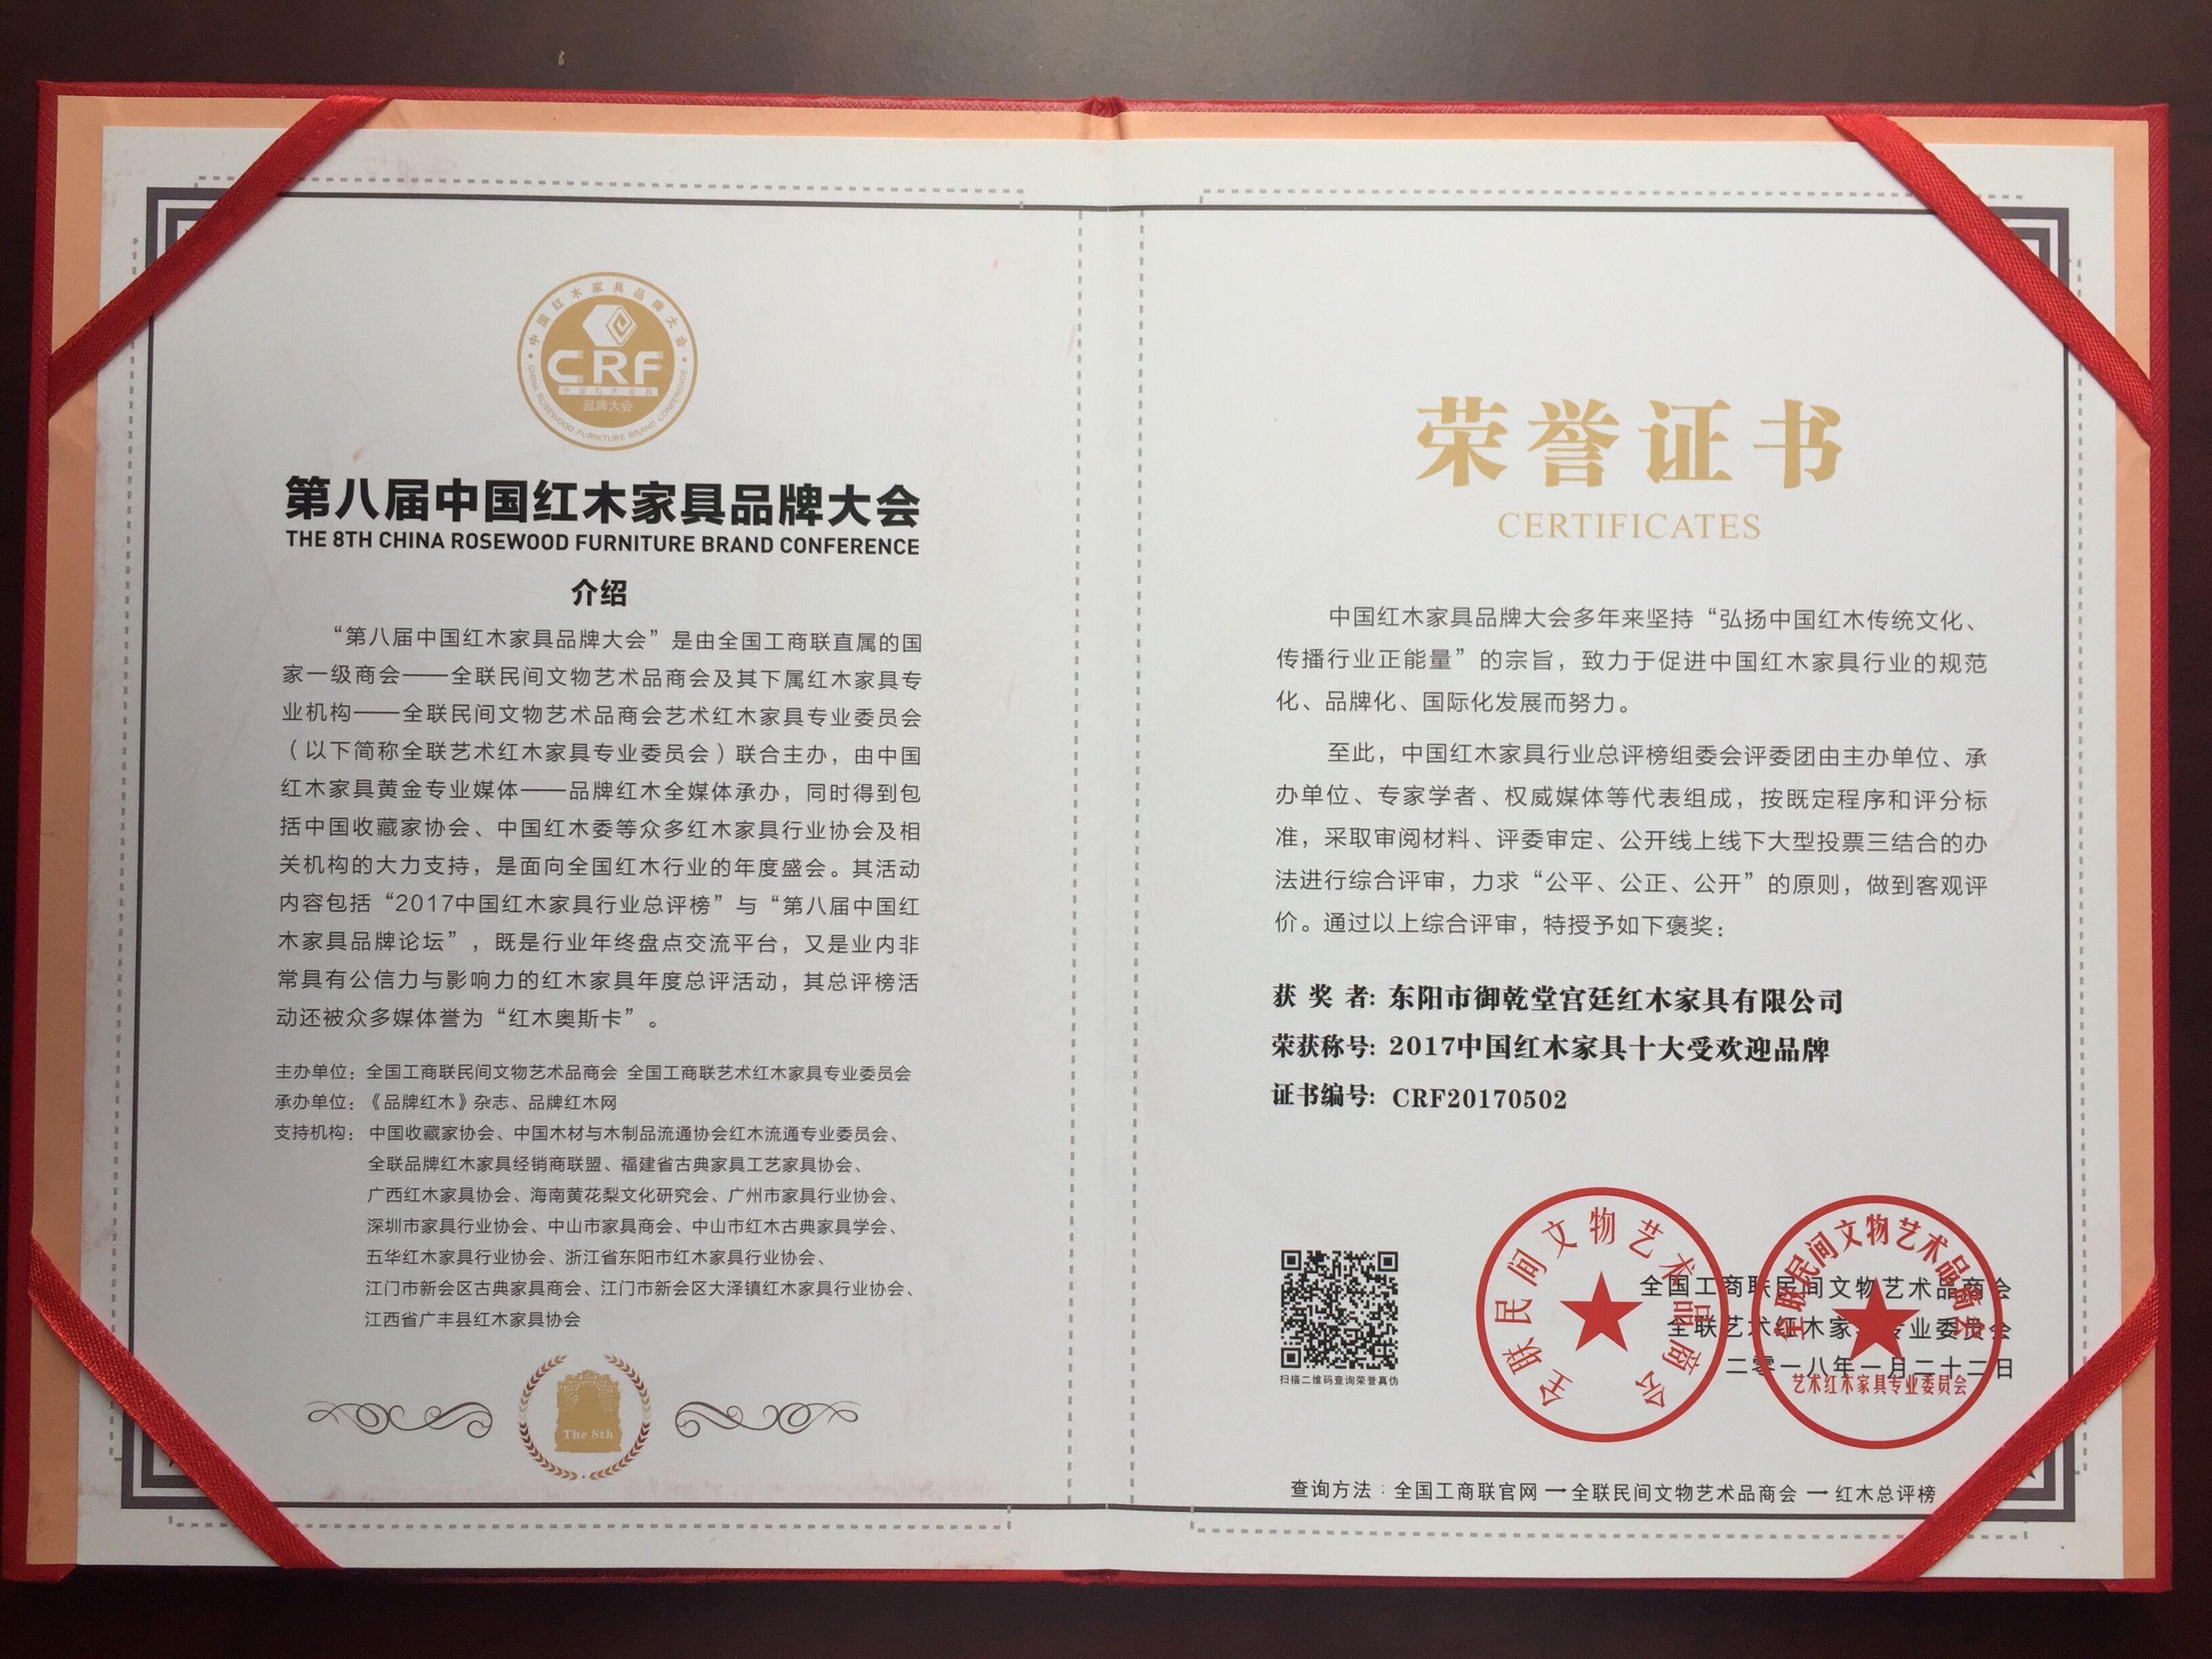 中国千赢国际入口家具十大受欢迎品牌